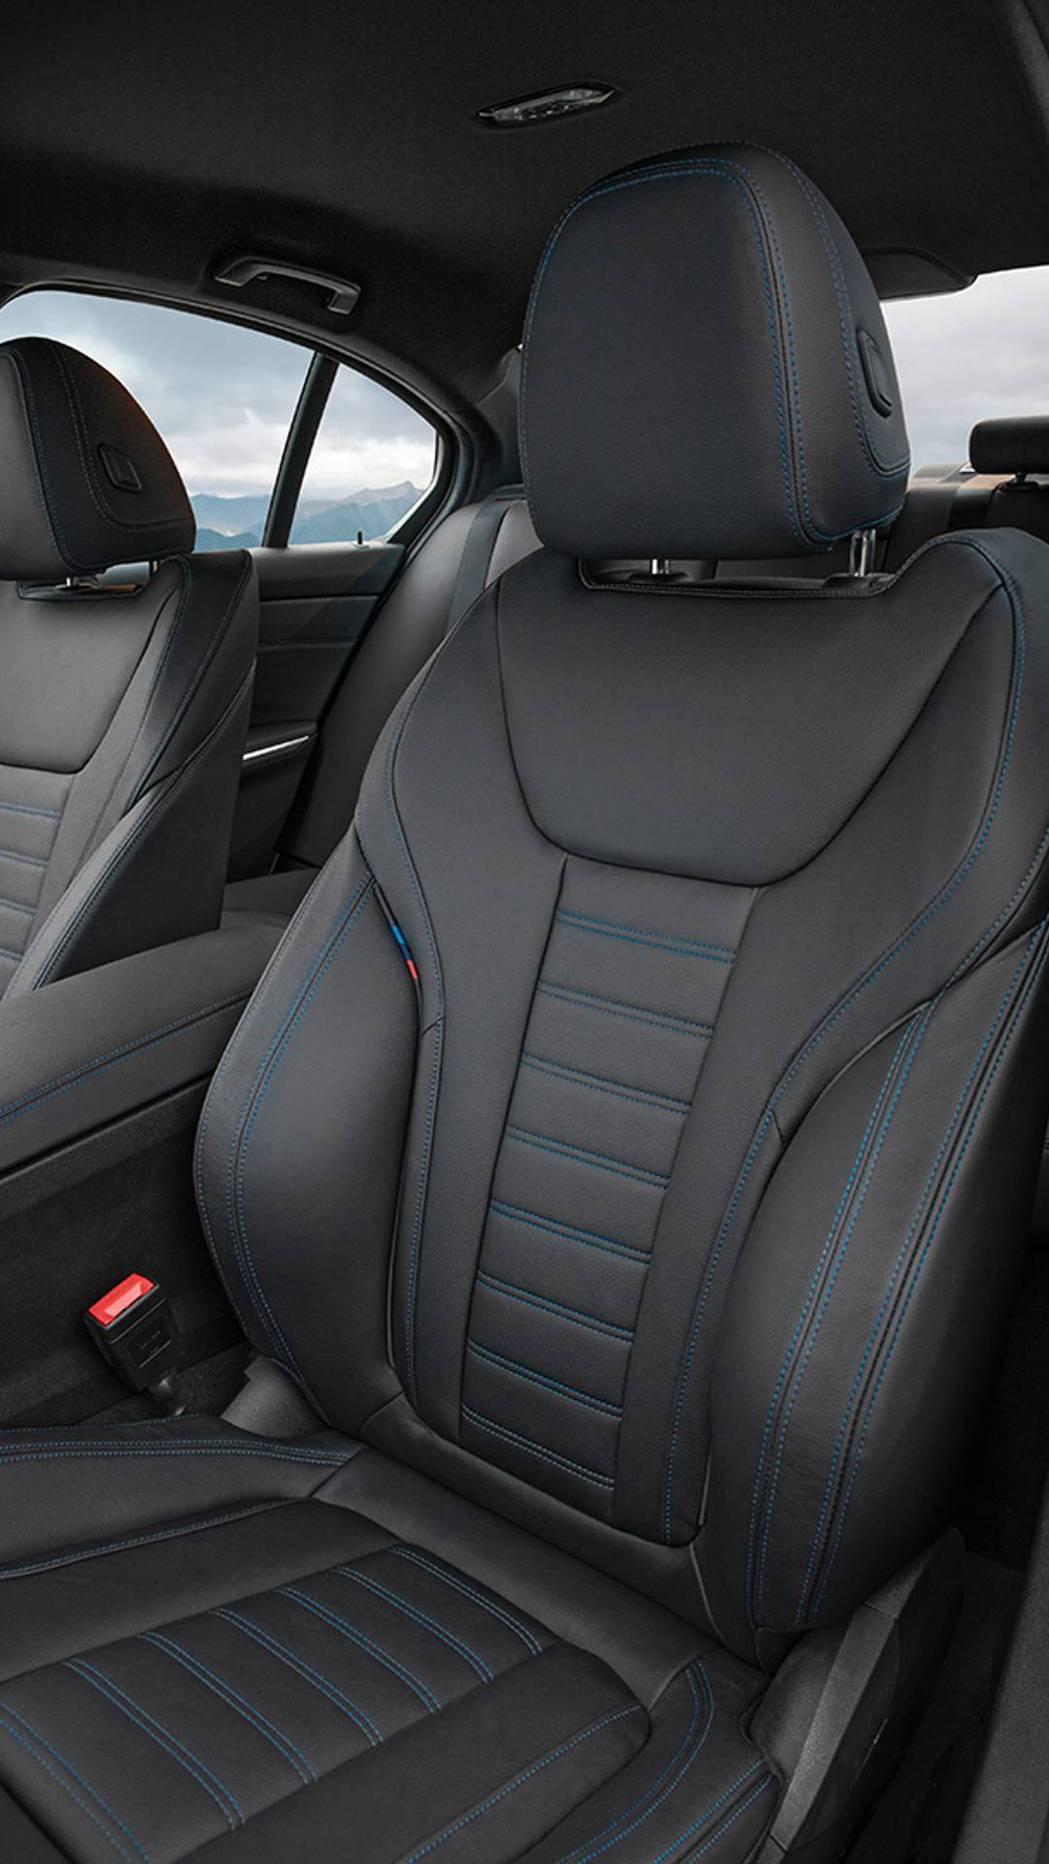 座椅也經過重新設計,不管是包覆性、造型設計都有所提升。 摘自BMW